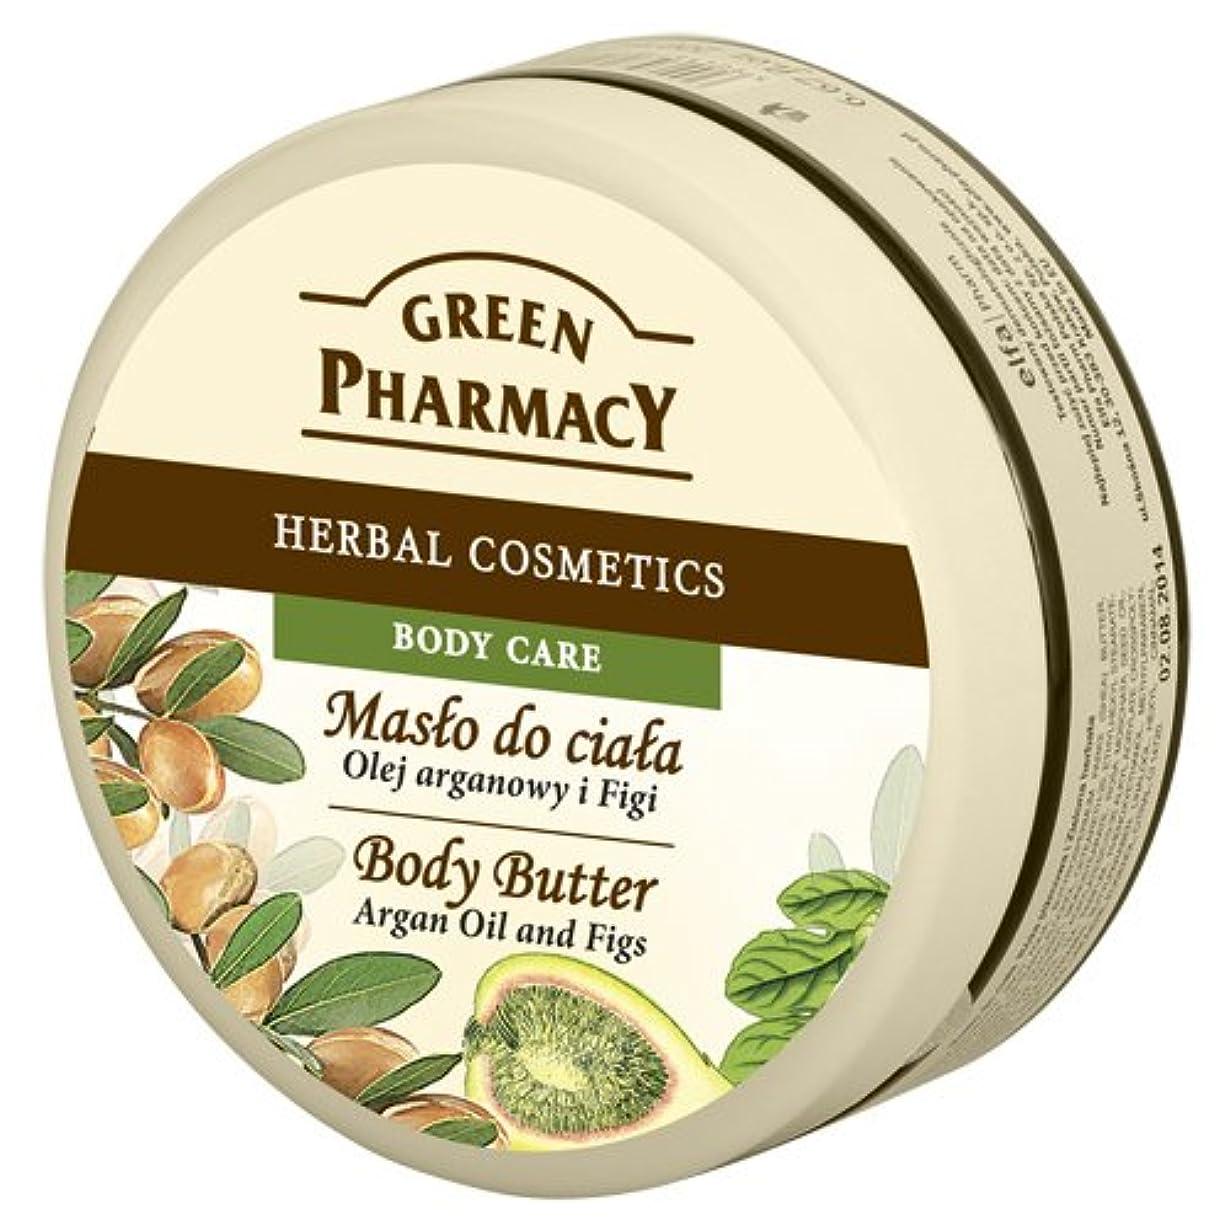 削るワーカー恥ずかしさElfa Pharm Green Pharmacy グリーンファーマシー Body Butter ボディバター Argan Oil and Figs